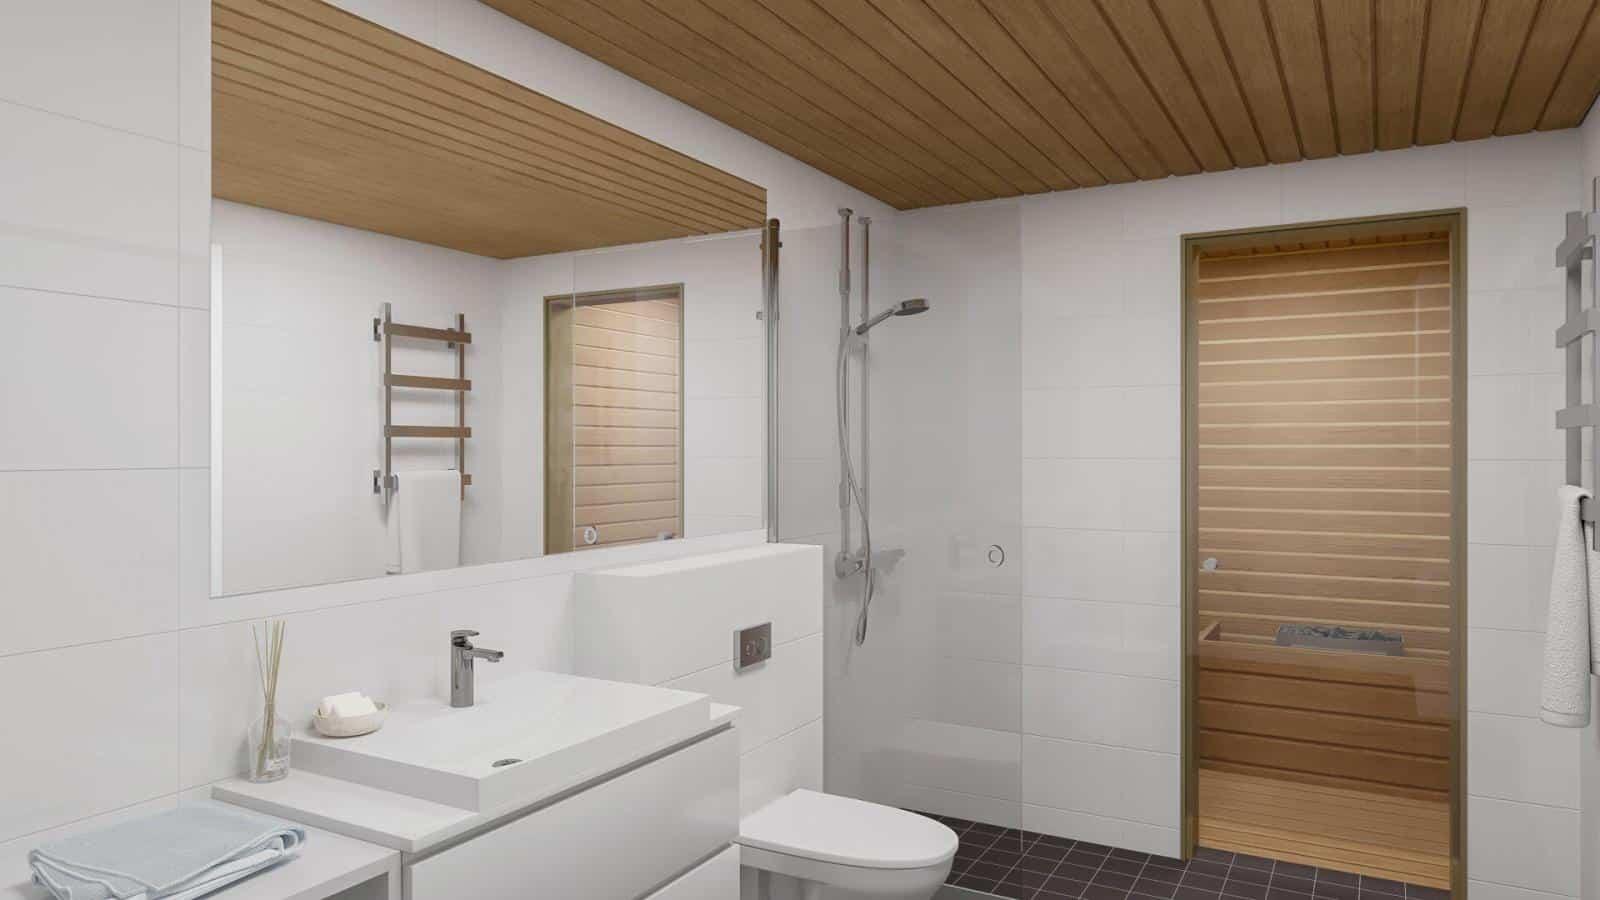 Niittykummun Plaza 49 m2:n 2h+k+s kulmahuoneistolla on vain yksi seinänaapuri (A1